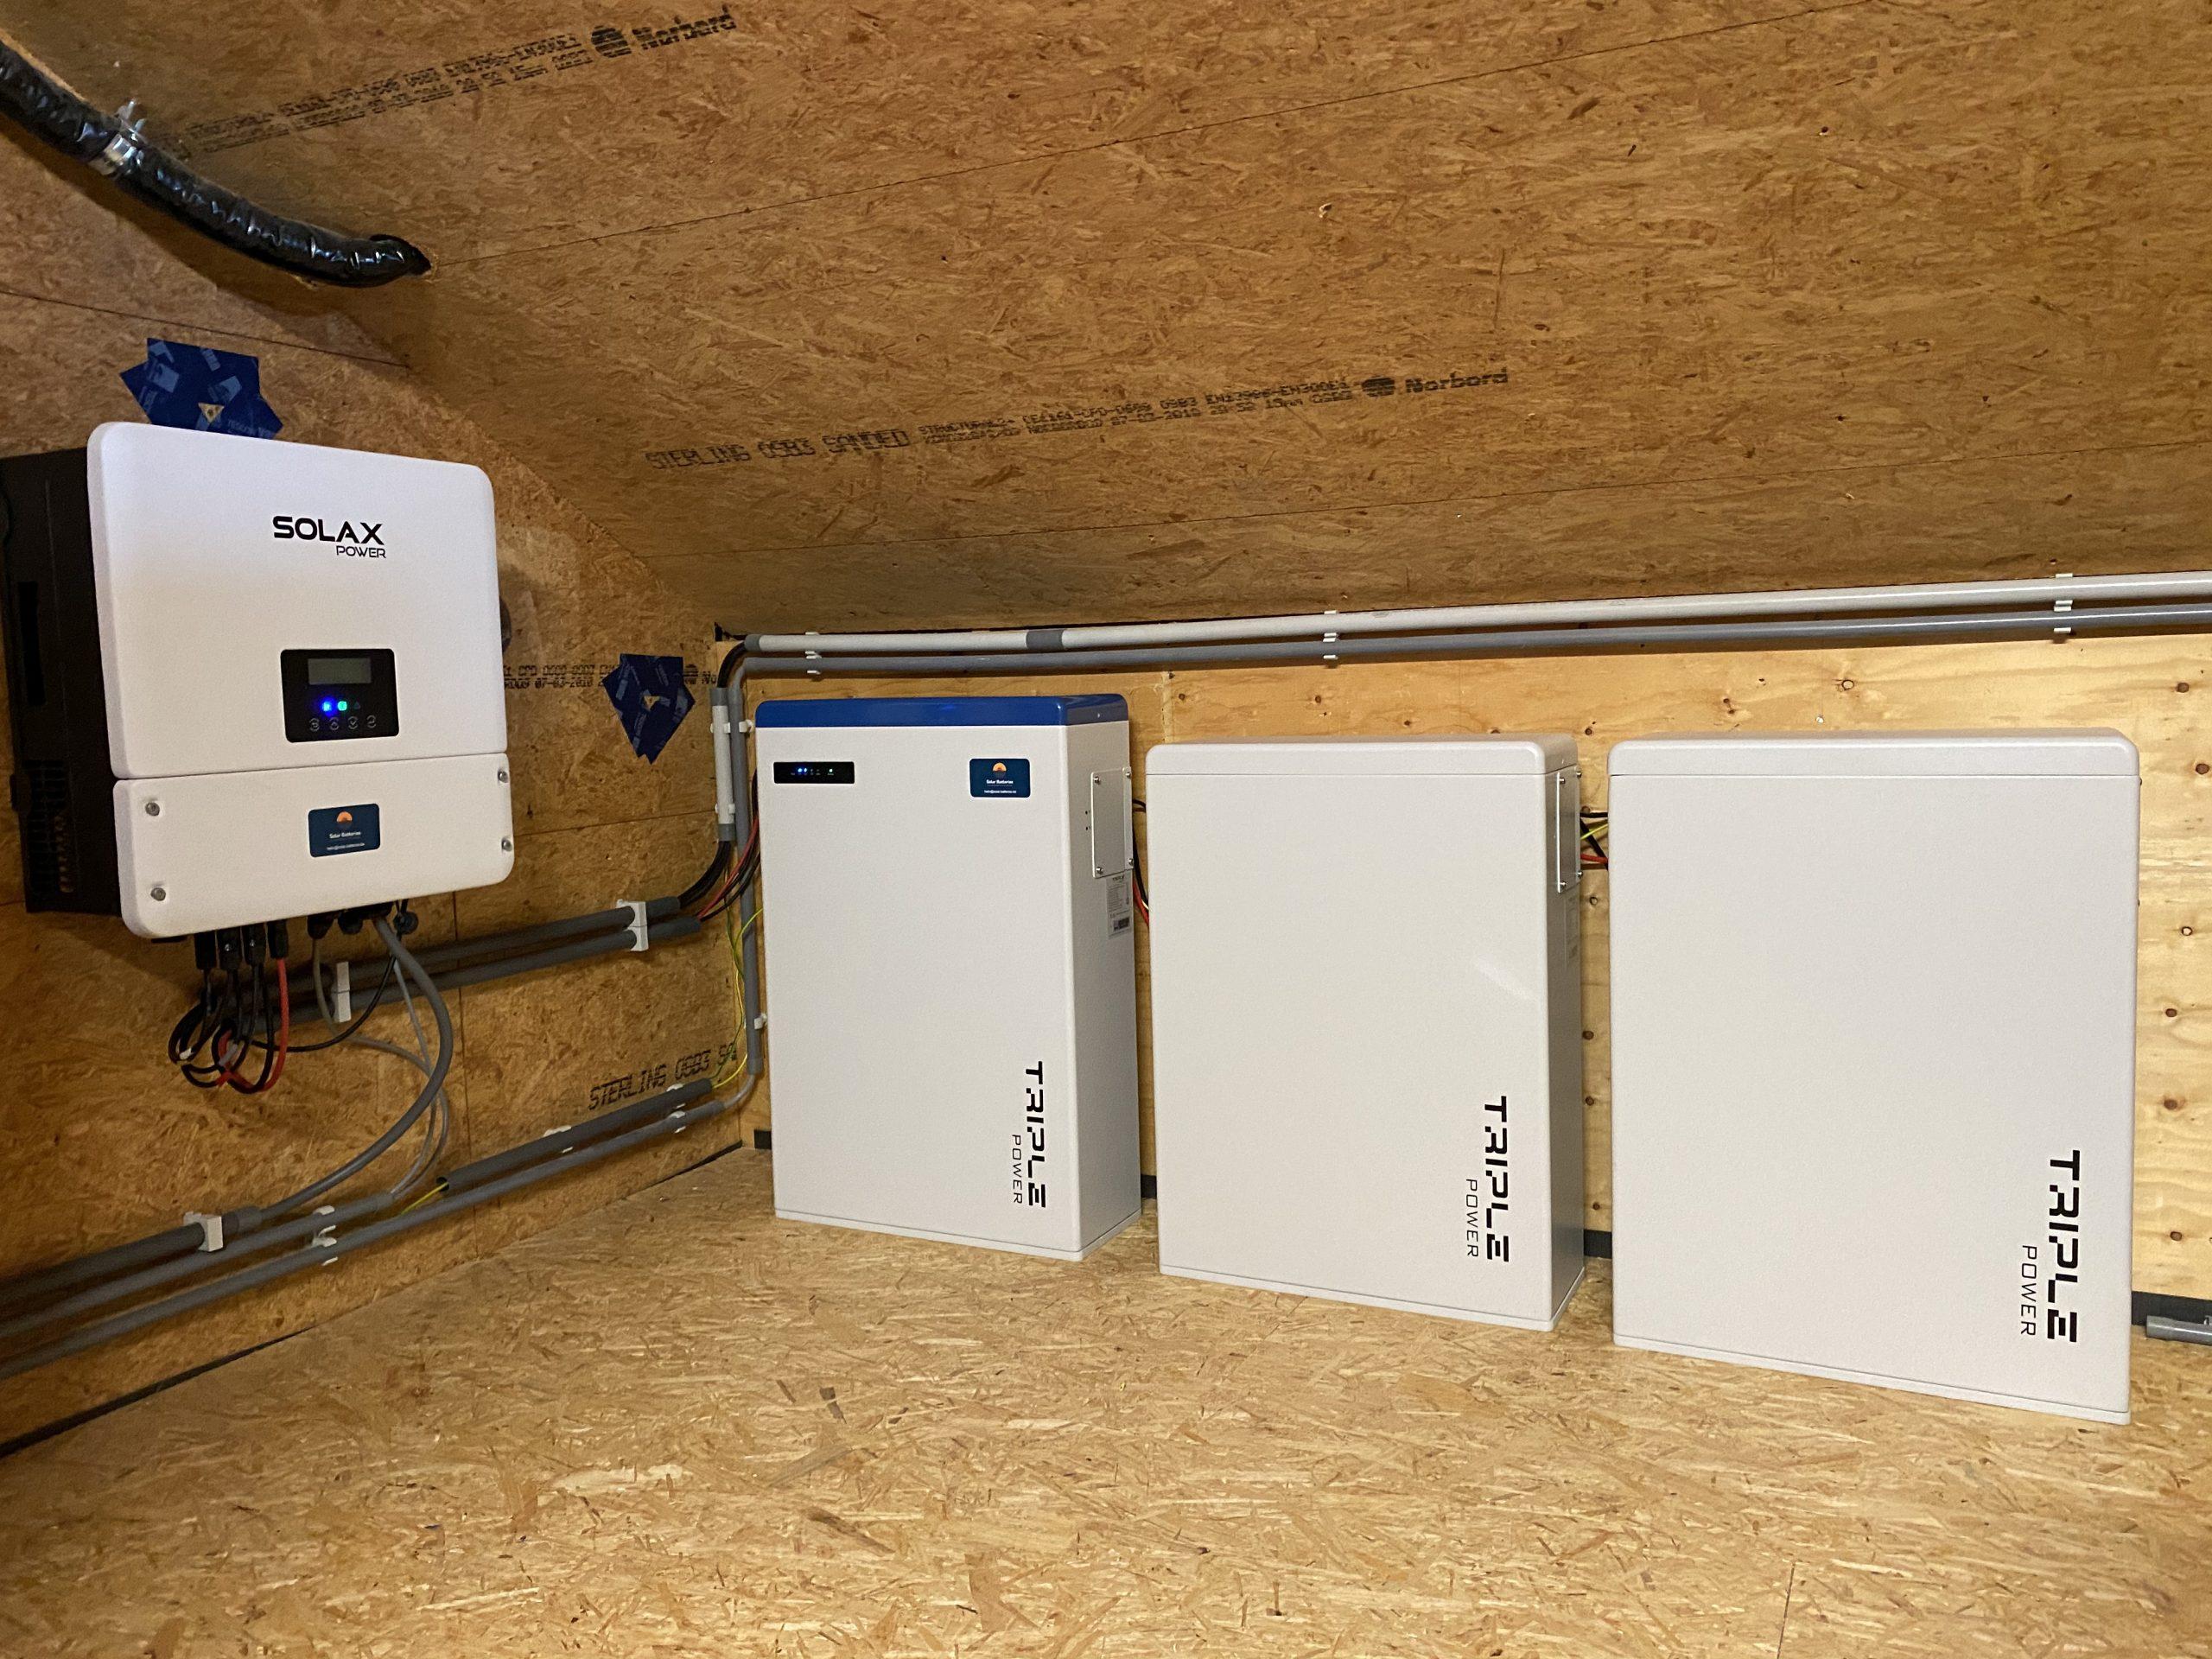 Thuisbatterij Ieper